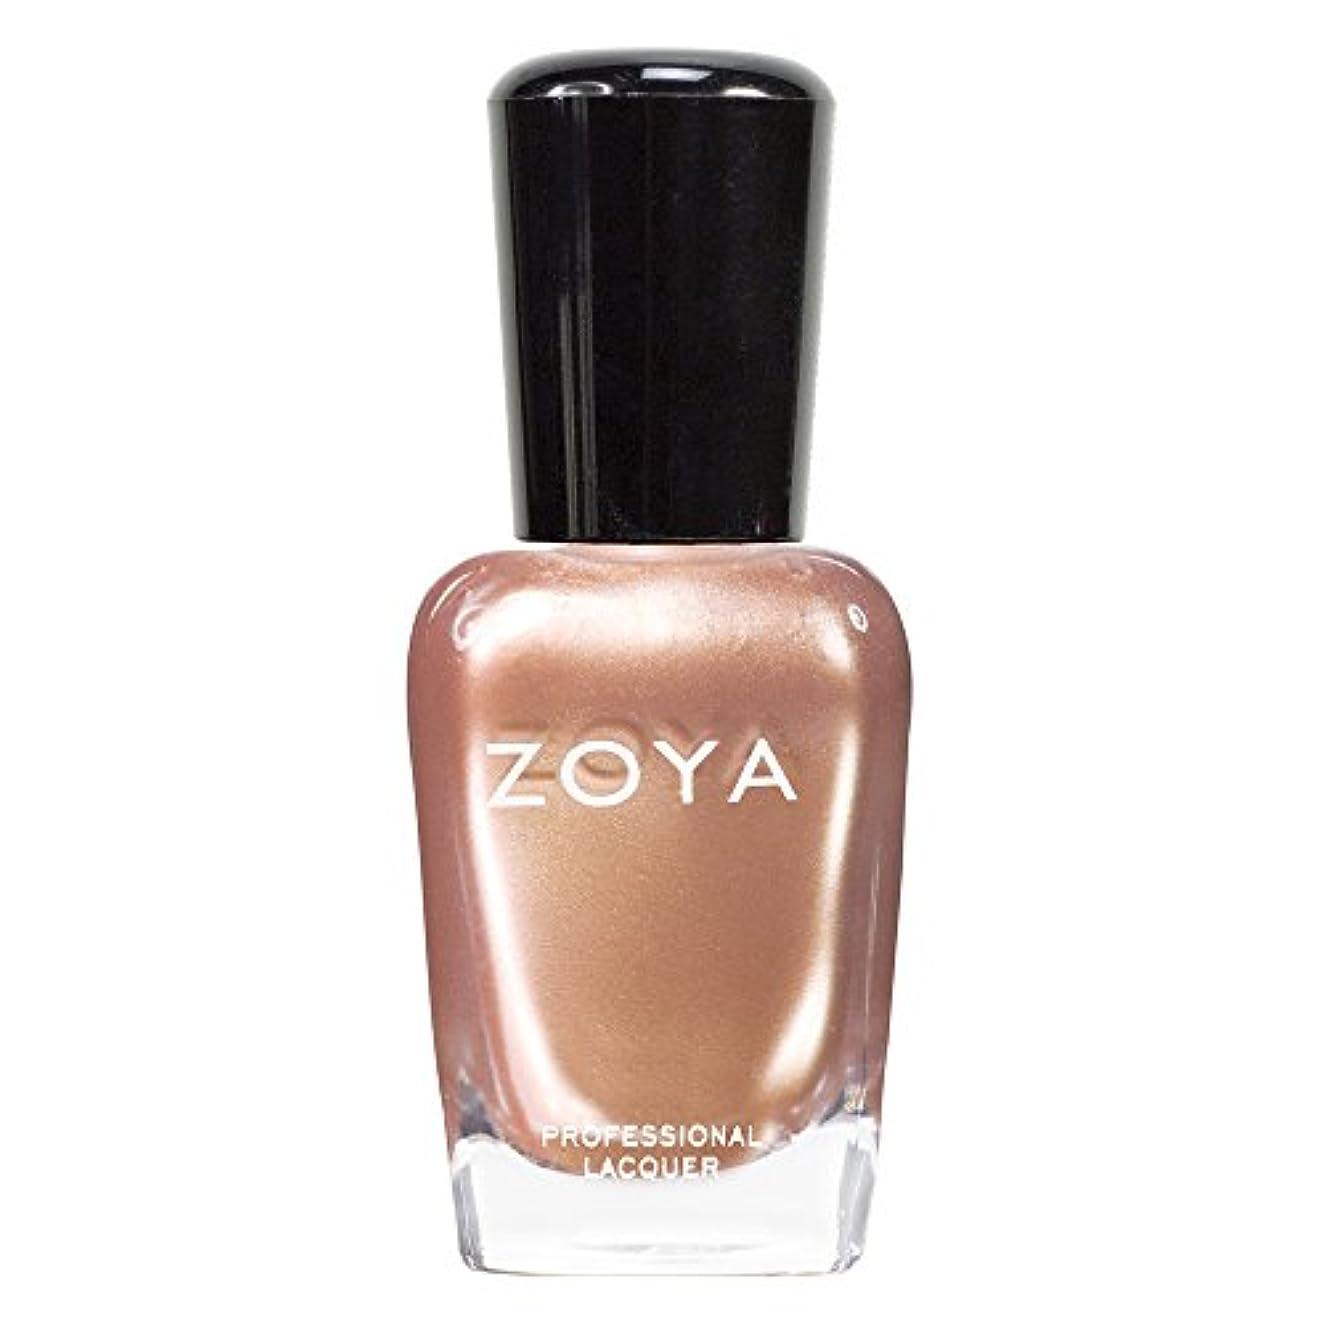 調子最小化する使役ZOYA ゾーヤ ネイルカラーZP431 AUSTINE オースティン 15ml 上品なゴールド パール/メタリック 爪にやさしいネイルラッカーマニキュア